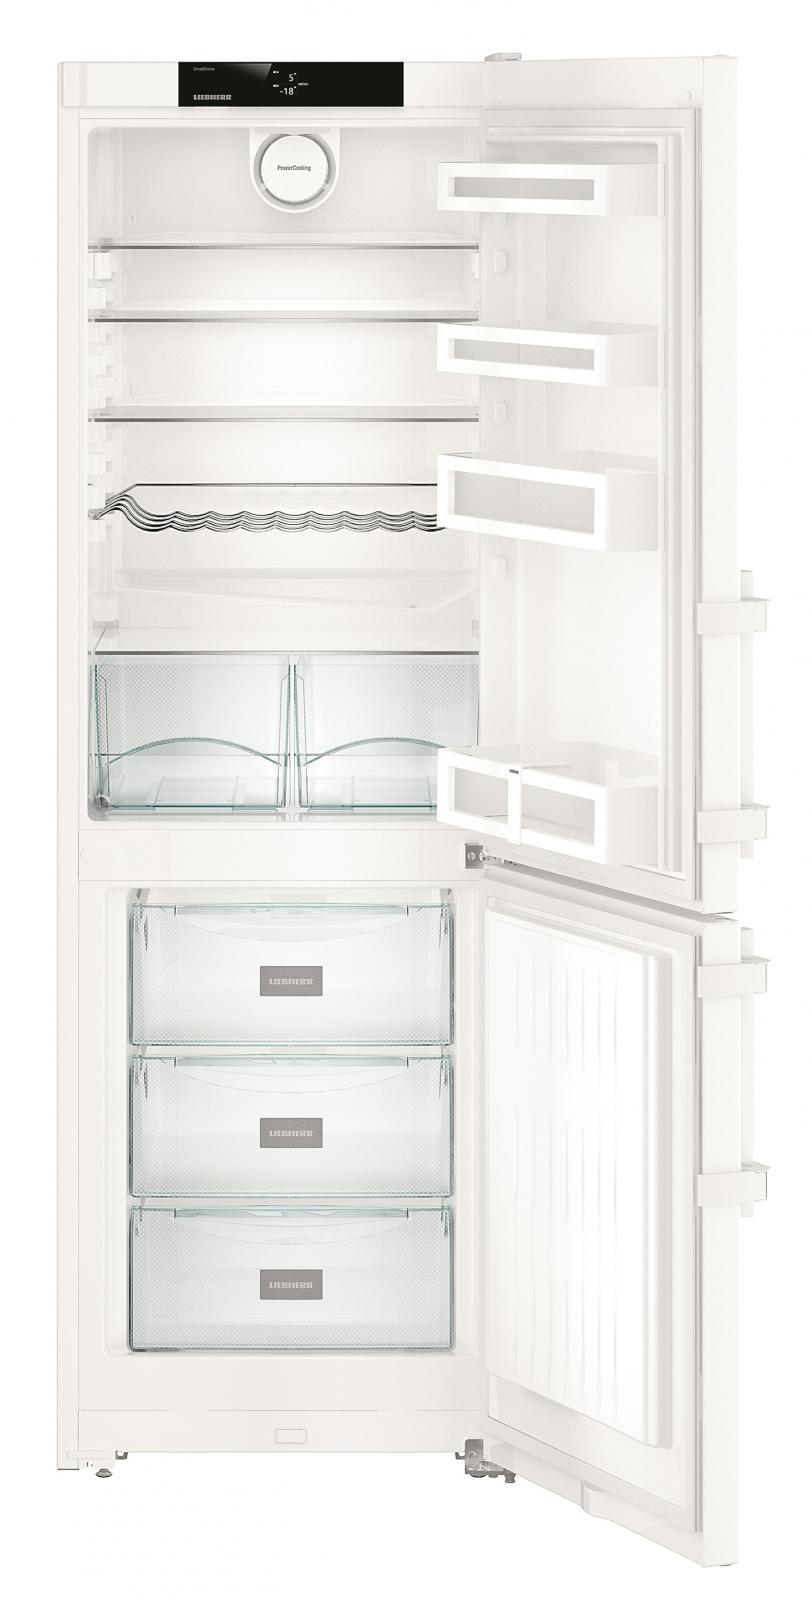 купить Двухкамерный холодильник Liebherr C 3525 Украина фото 3